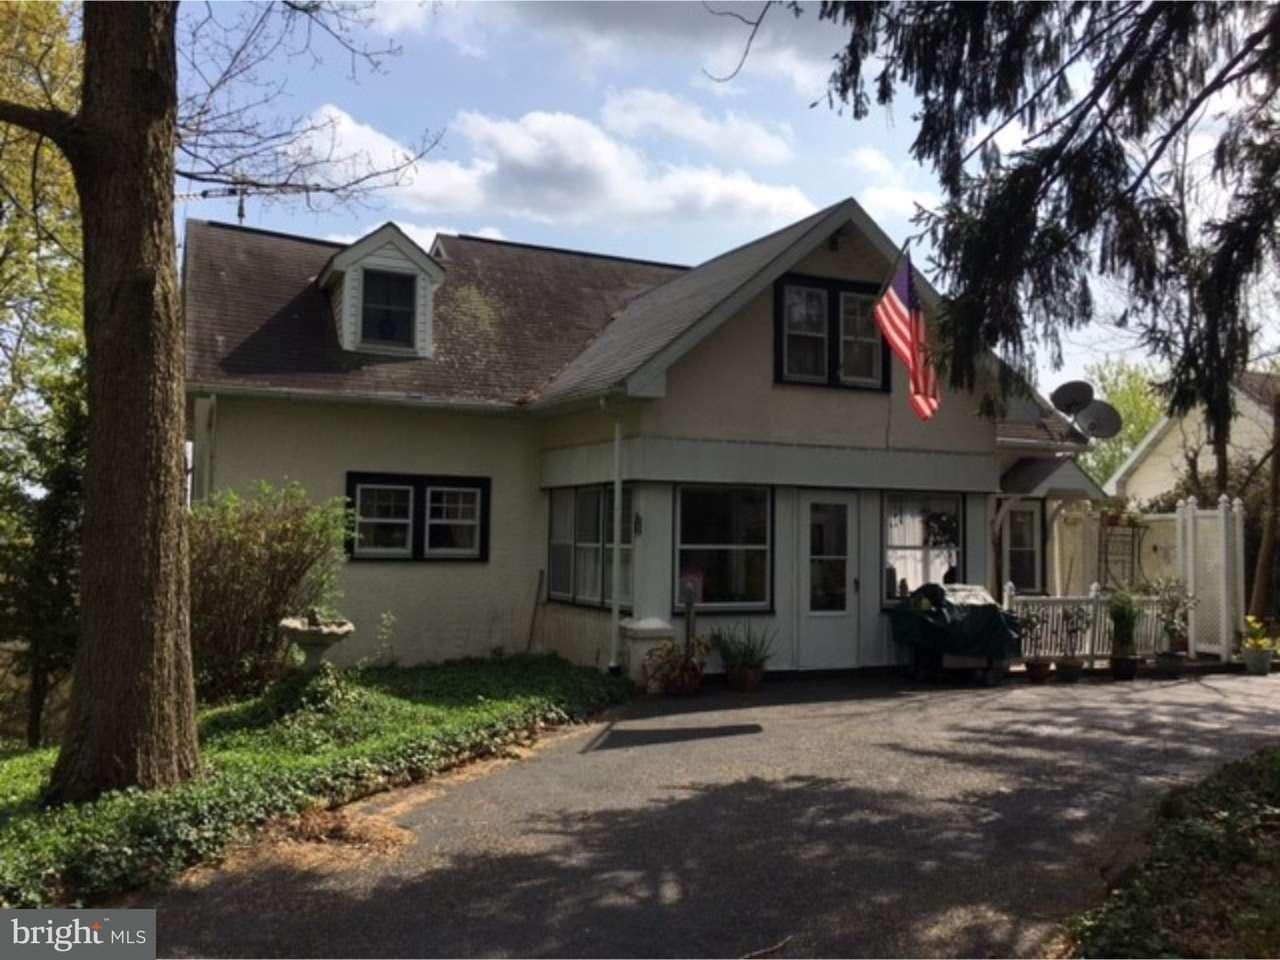 Maison unifamiliale pour l Vente à 4304 NEW HOLLAND Road Mohnton, Pennsylvanie 19540 États-Unis